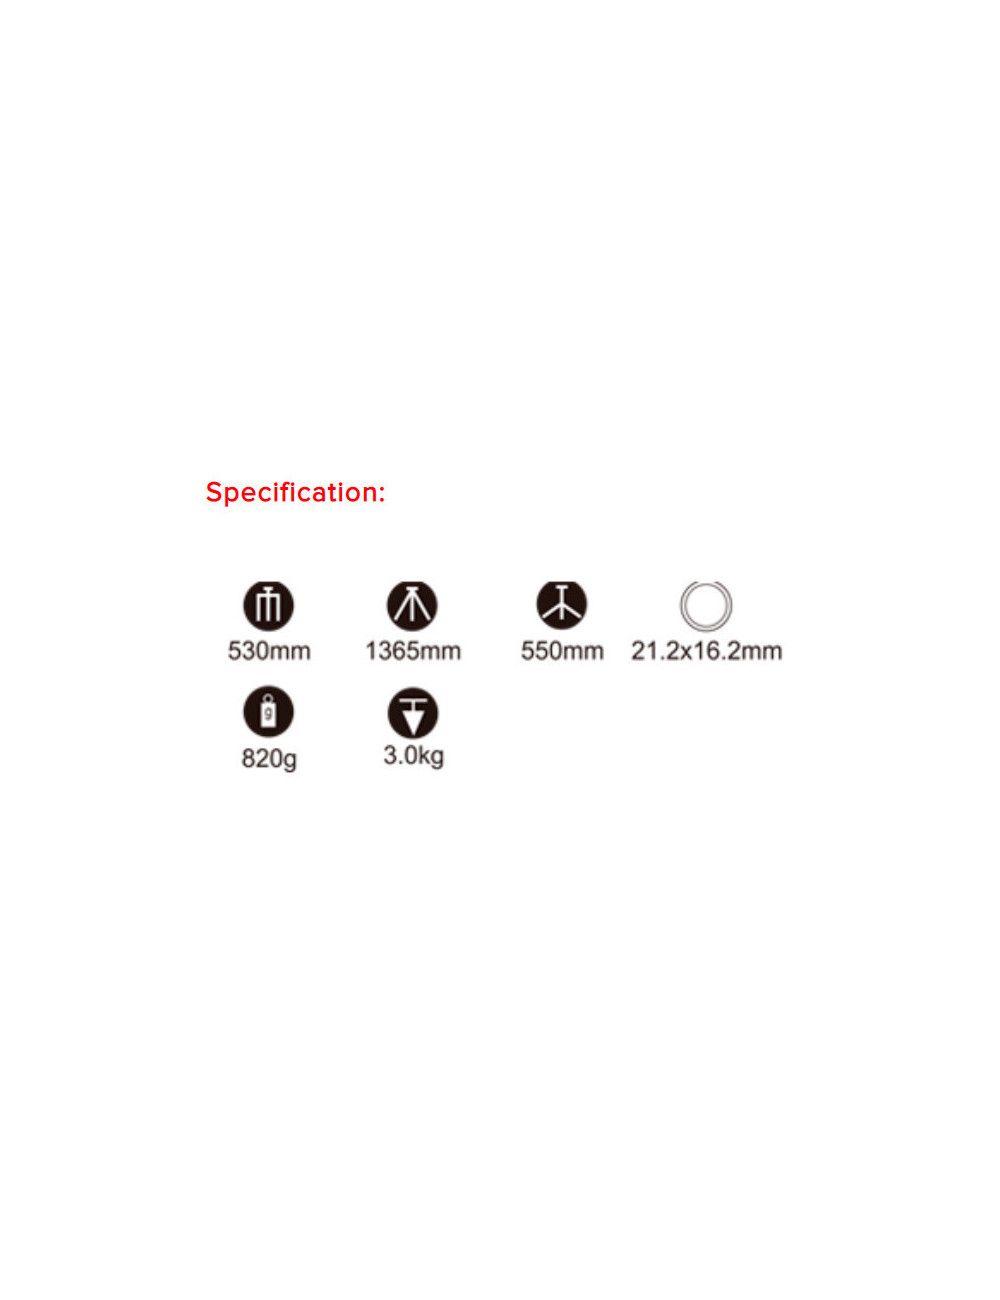 KIT - Grabadora ZOOM H6 Con 3 Cápsulas, 6 entradas XLR, Grabadora de Audio Profesional